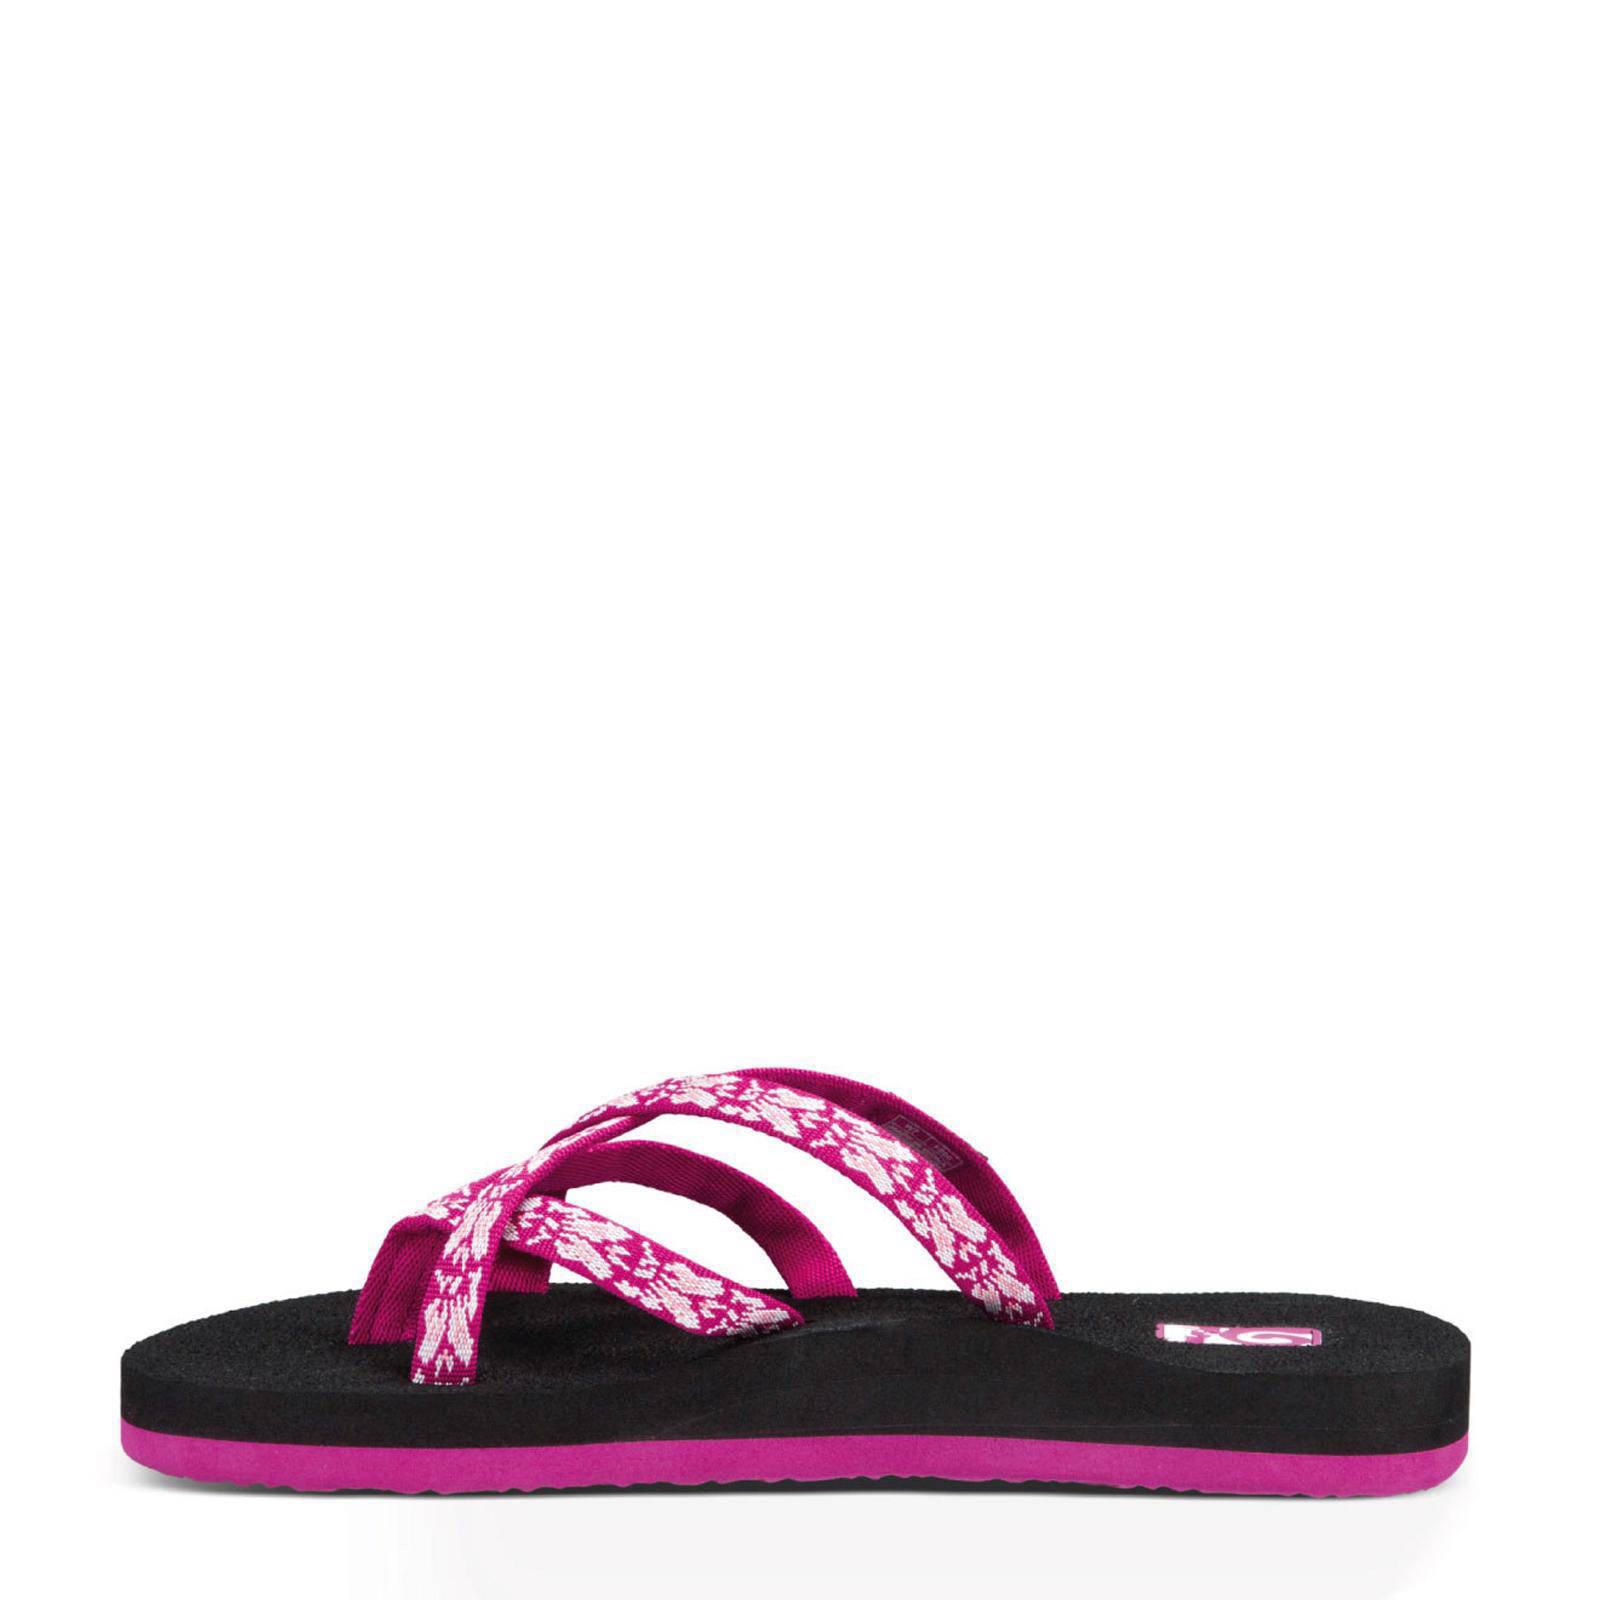 Teva outdoor slippers Olowahu   wehkamp